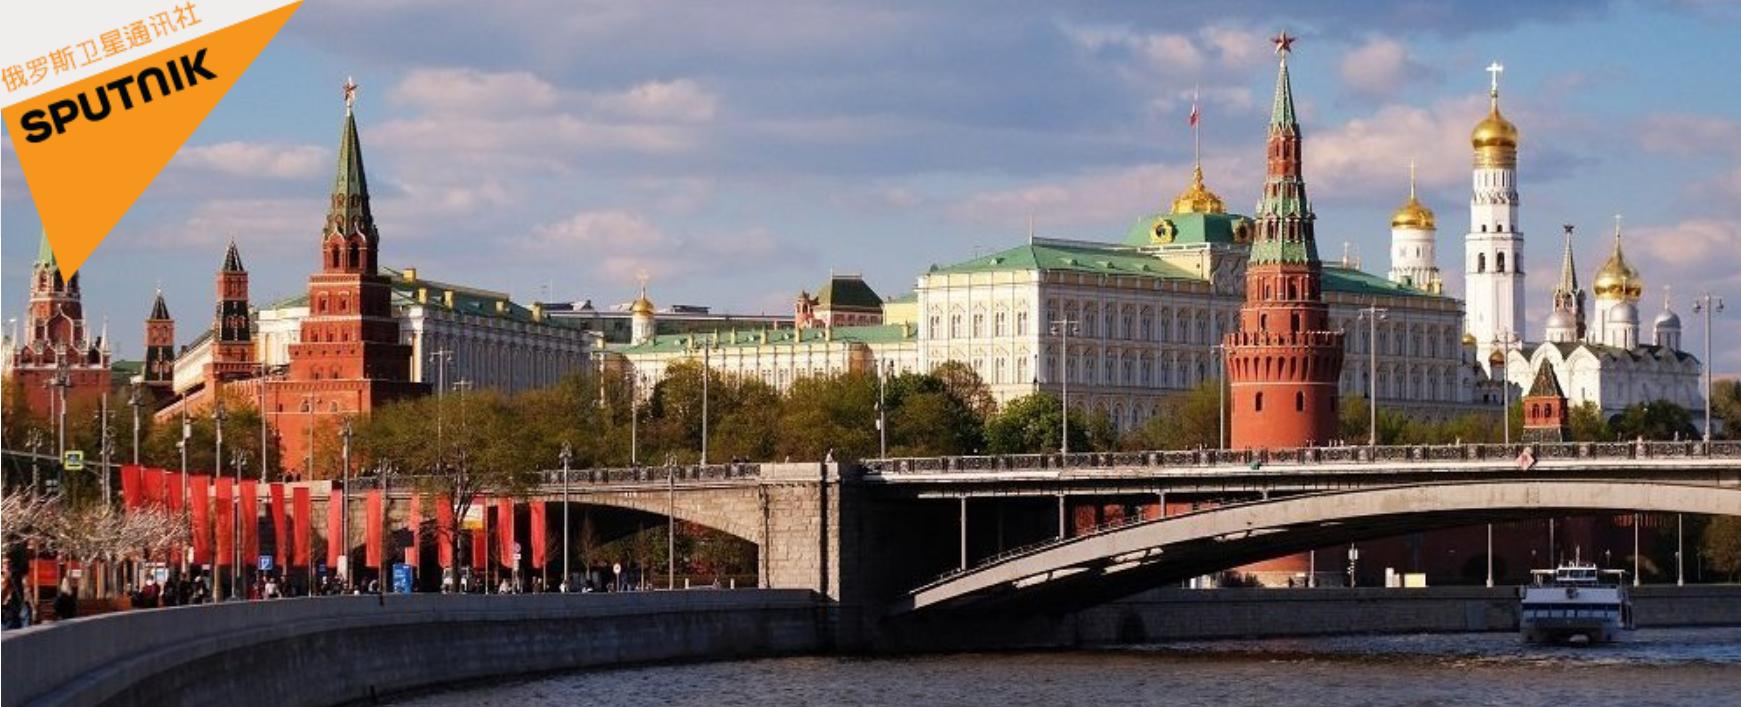 海外试管婴儿求子首选去处:俄罗斯将有望成为世界医疗旅游大国